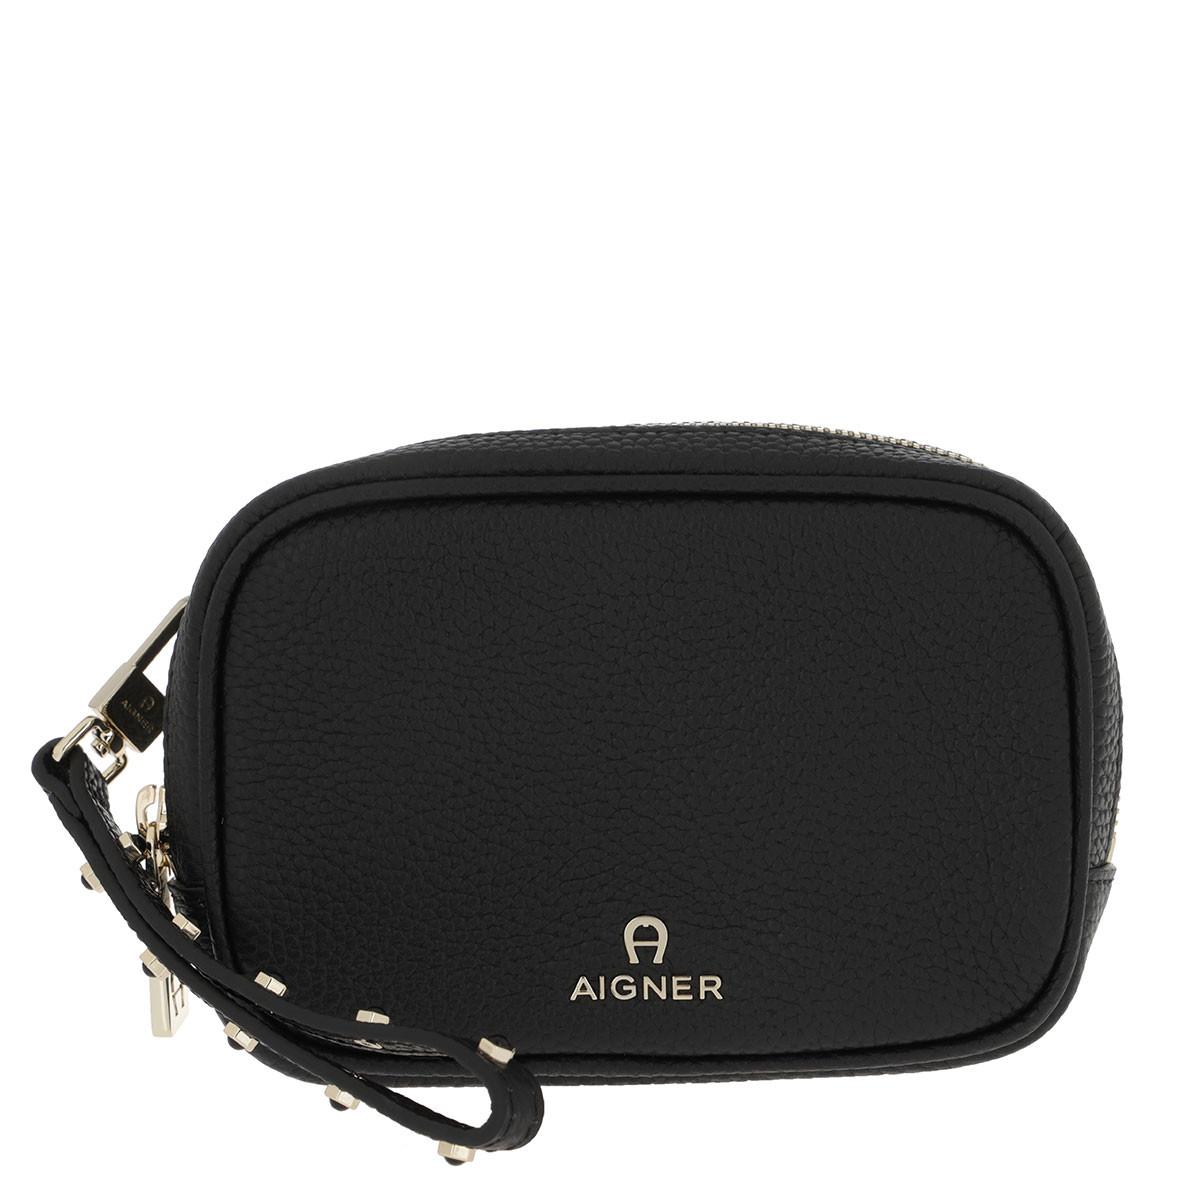 Aigner Pochette - Basics Clutch Black - in schwarz - für Damen